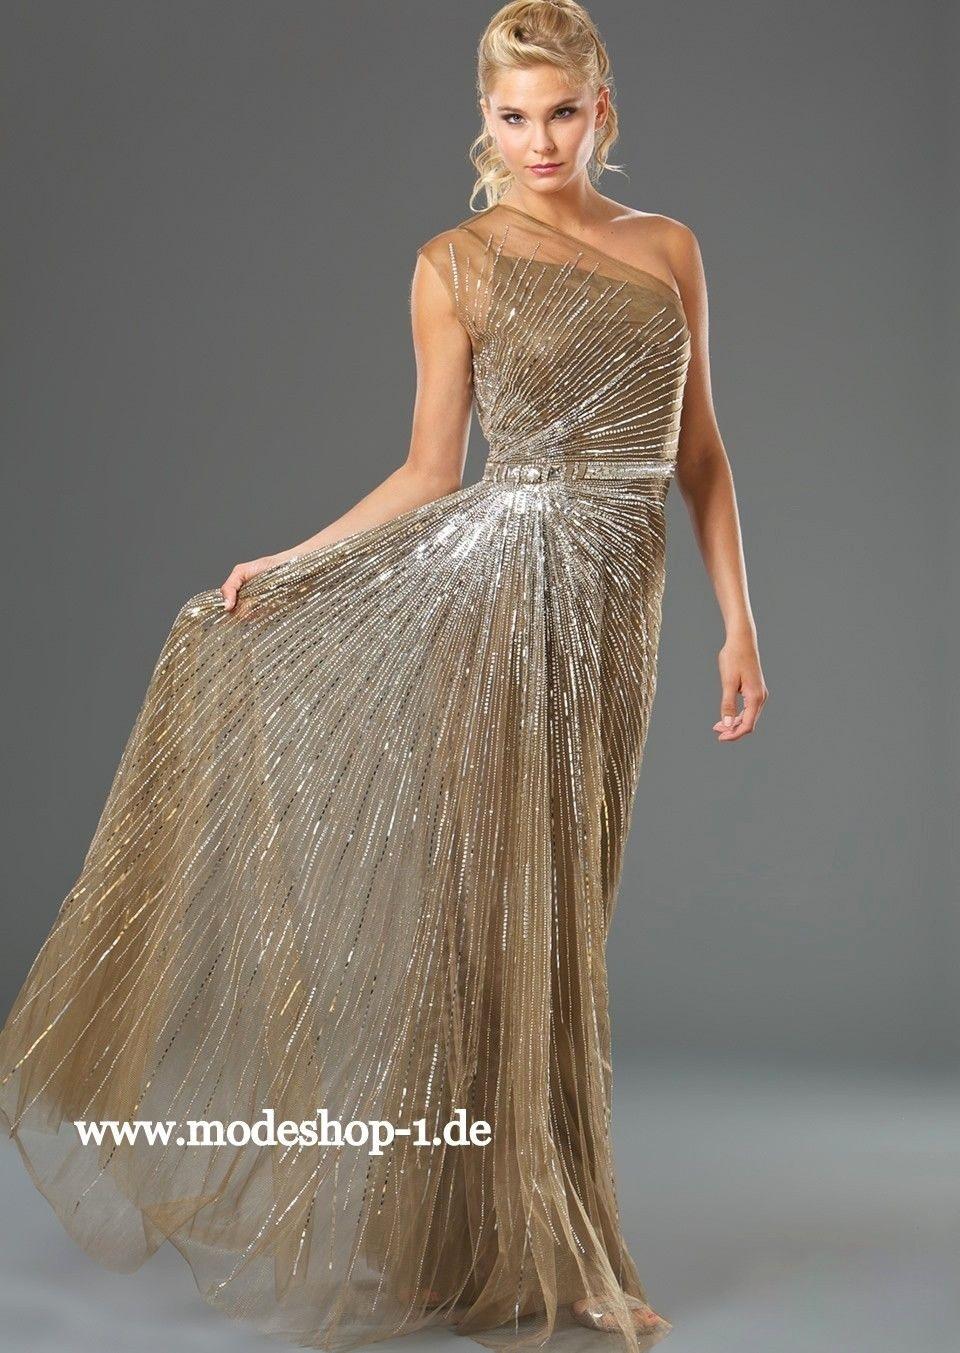 20 Erstaunlich Abendkleid Italienisch Vertrieb20 Elegant Abendkleid Italienisch Spezialgebiet